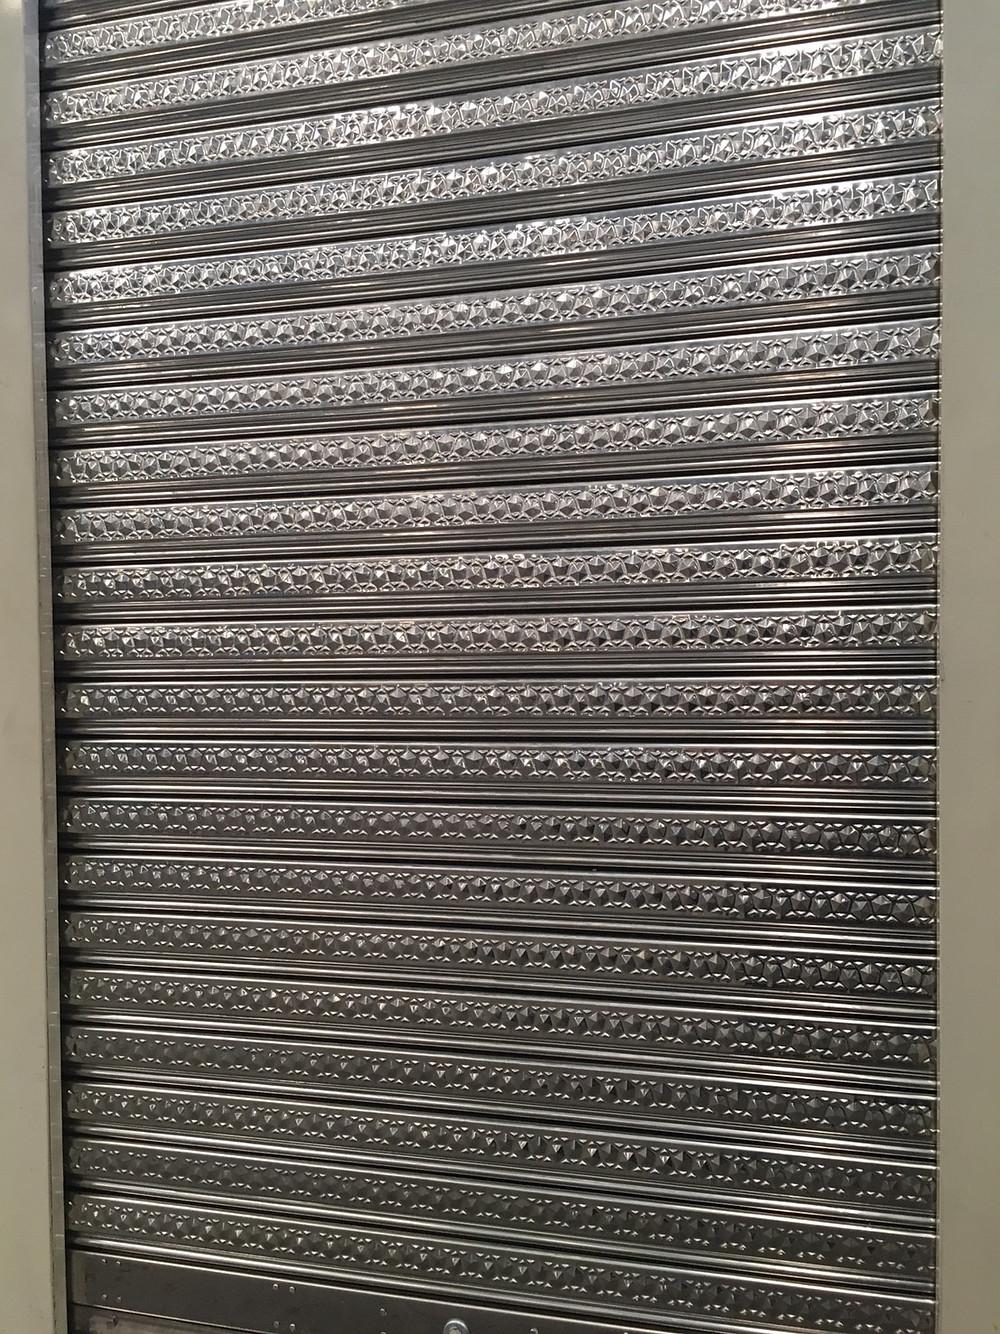 ประตูม้วนลายดิน crystal rock ผลิต-จำหน่าย โดย บริษัท ซีเจ เมทัลลิค แต่เพียงผู้เดียว